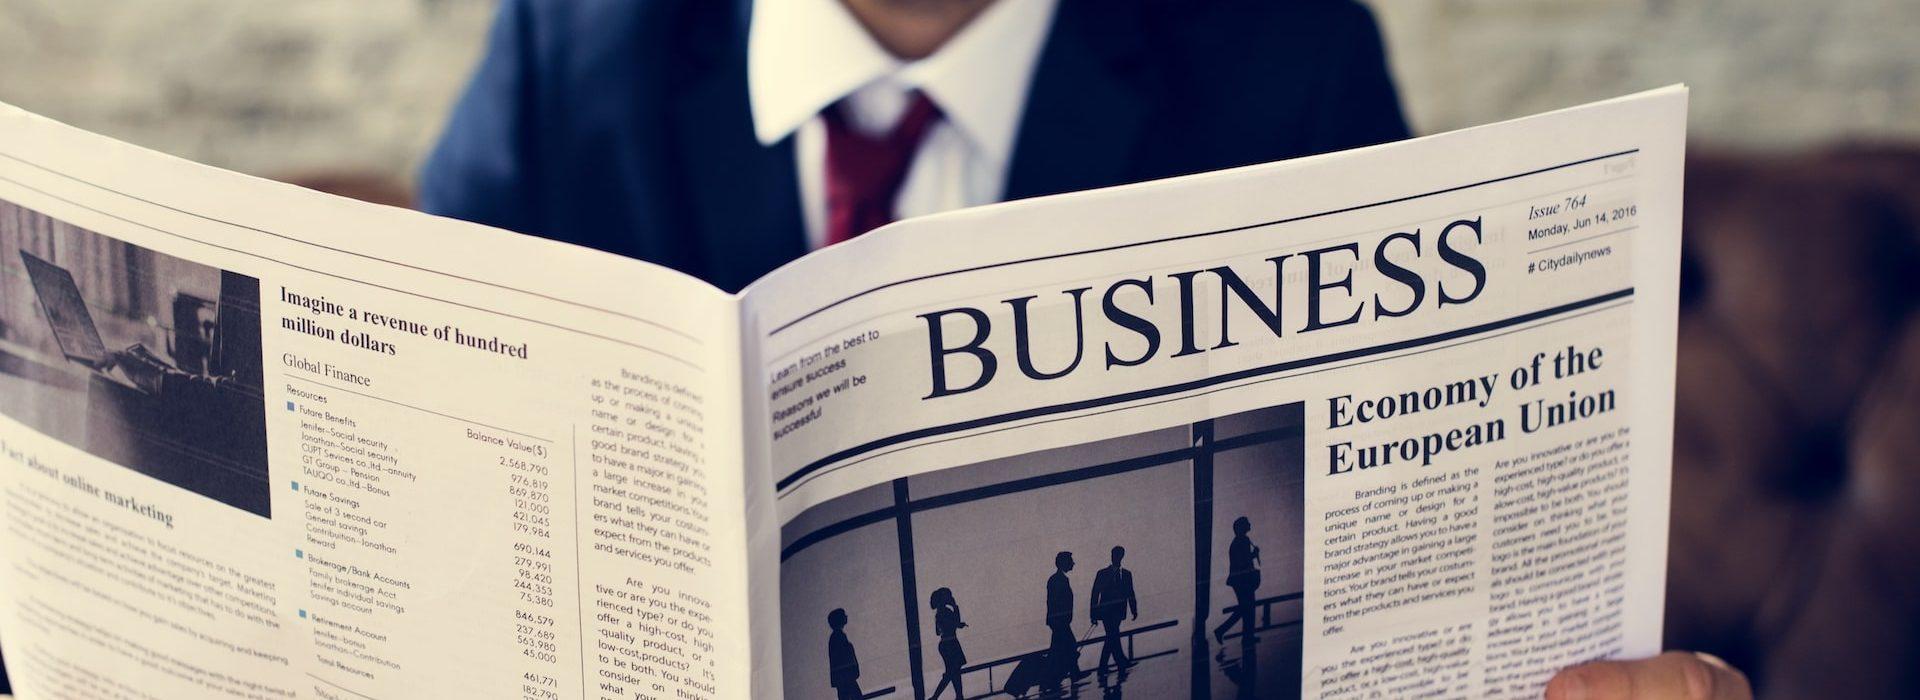 La communication d'entreprise favorise le business